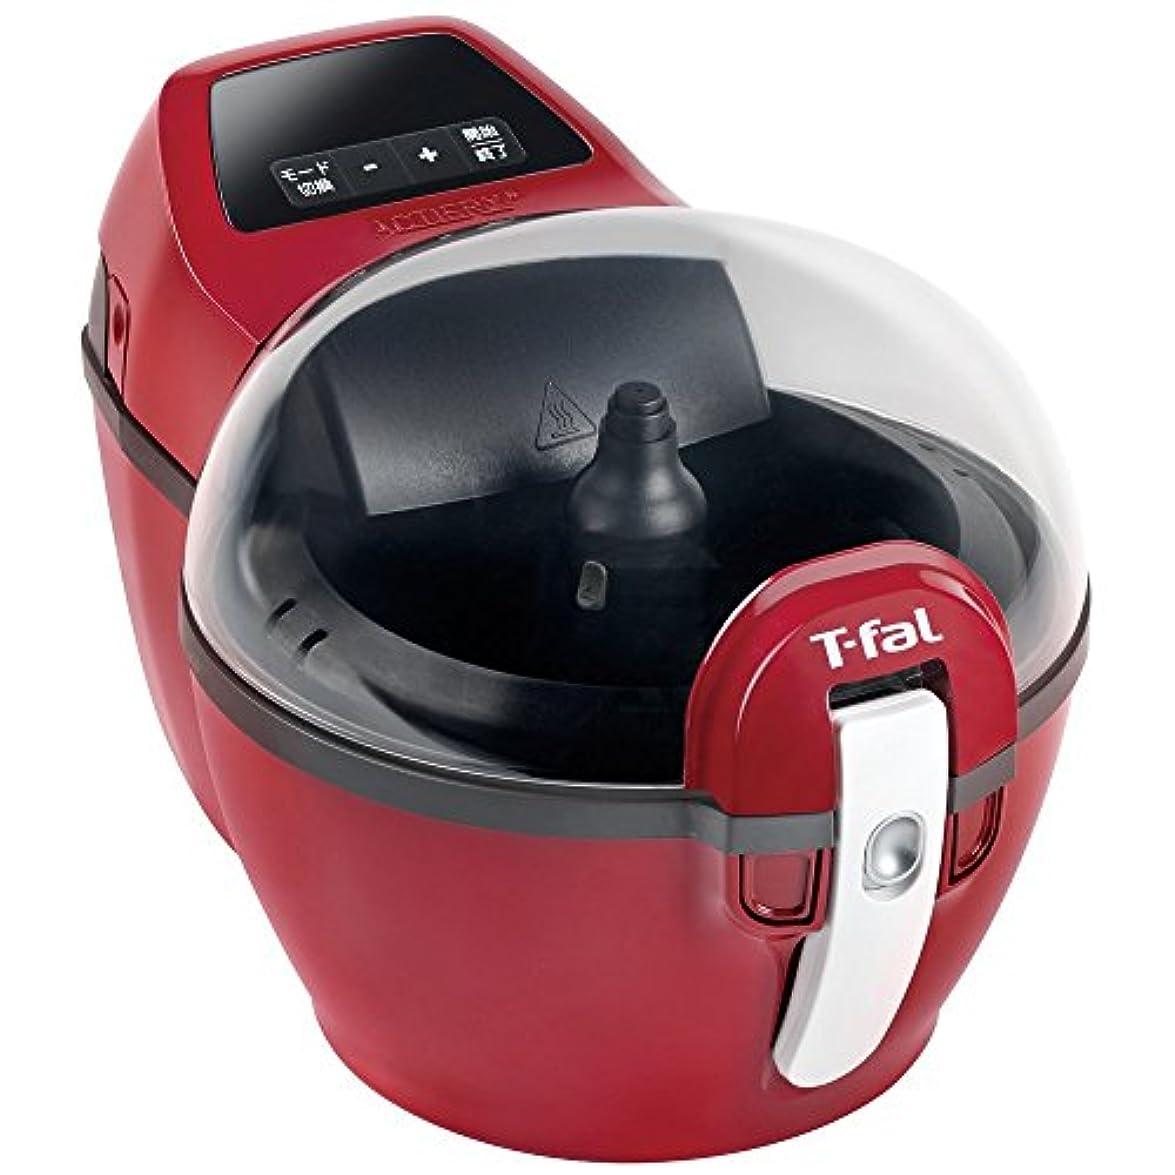 傾向があります軌道気づくティファール 電気フライヤー アクティフライ  揚げ物 炒め物 煮込み レッド 調理家電 FZ205588